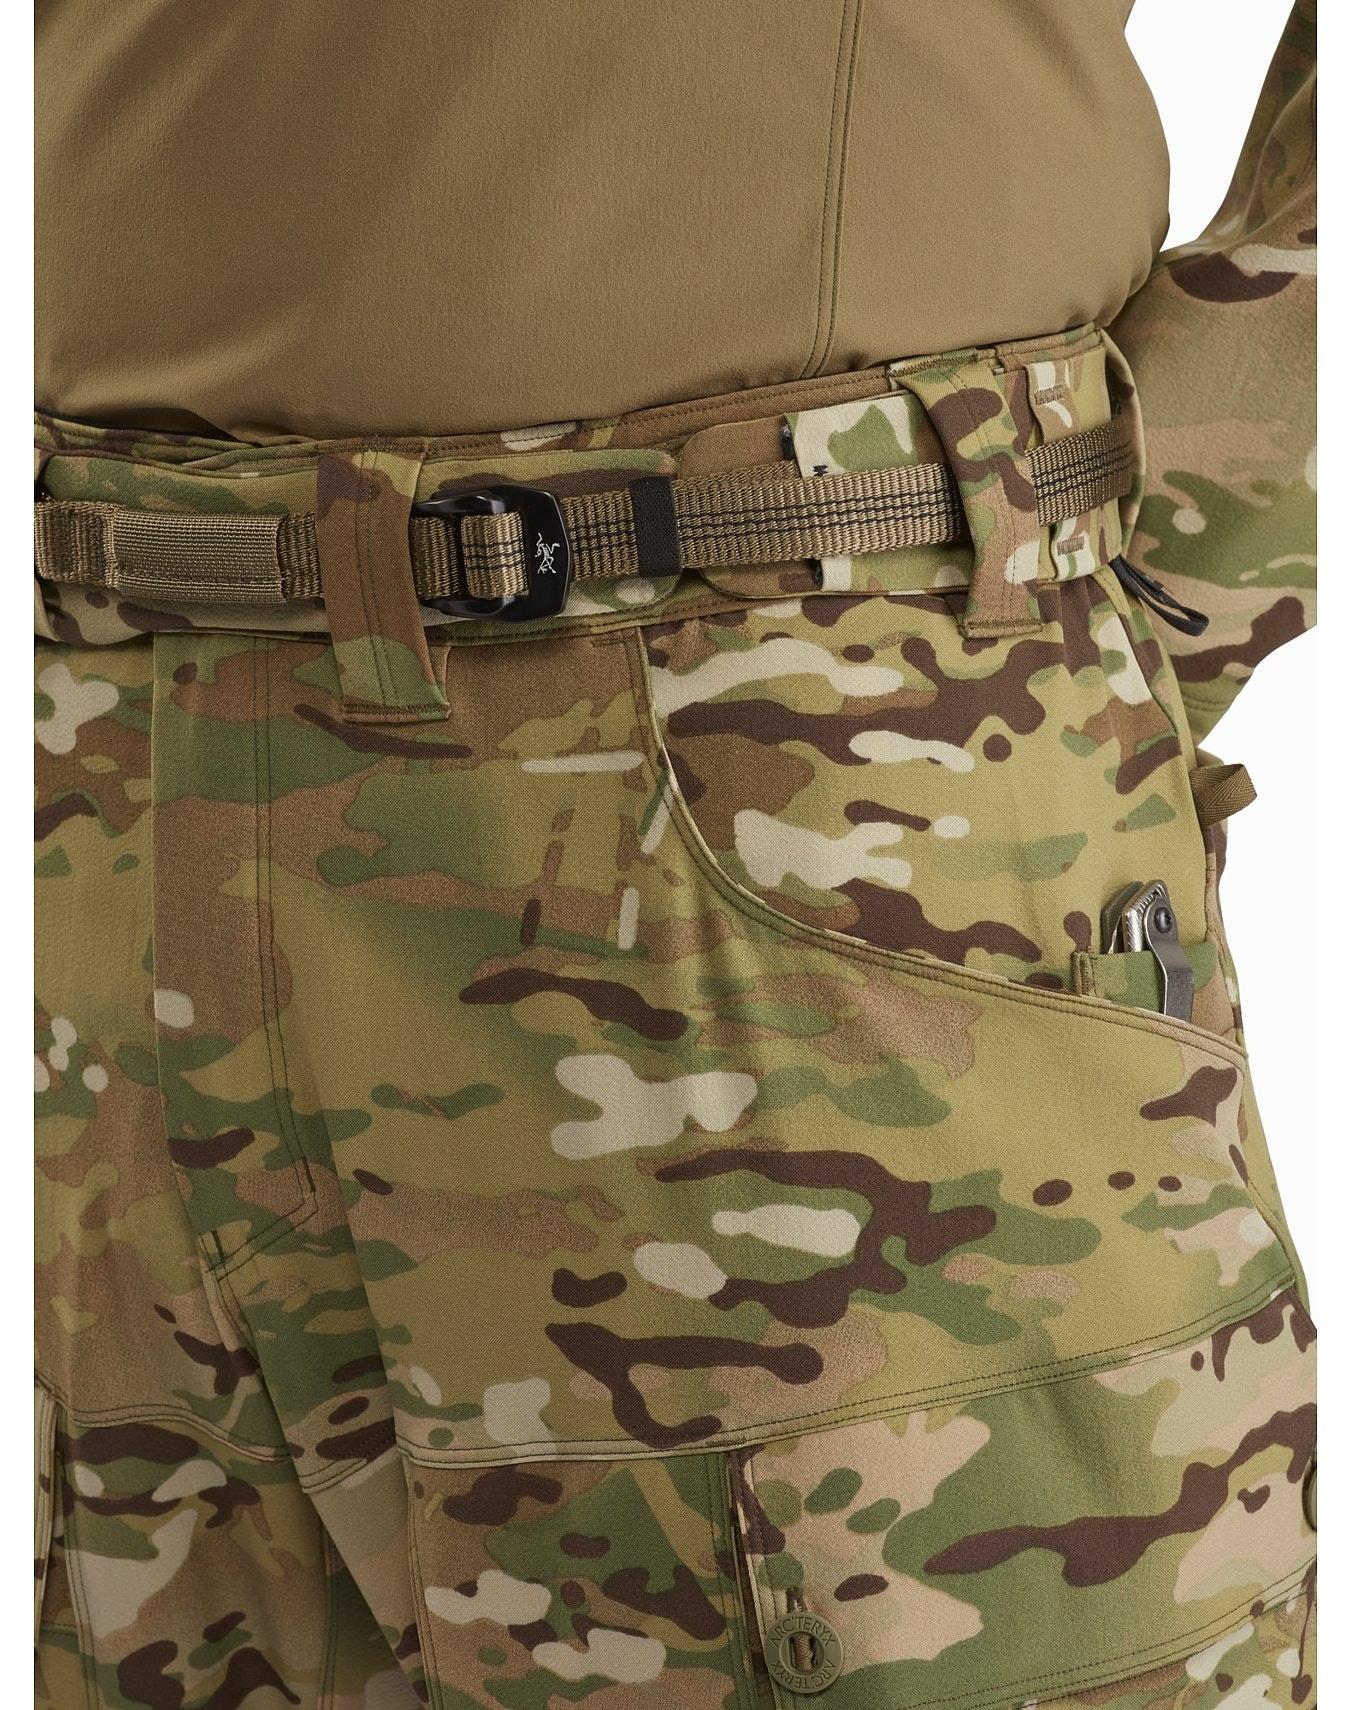 Arc'teryx LEAF Arc'teryx LEAF Assault Shirt SV Men's